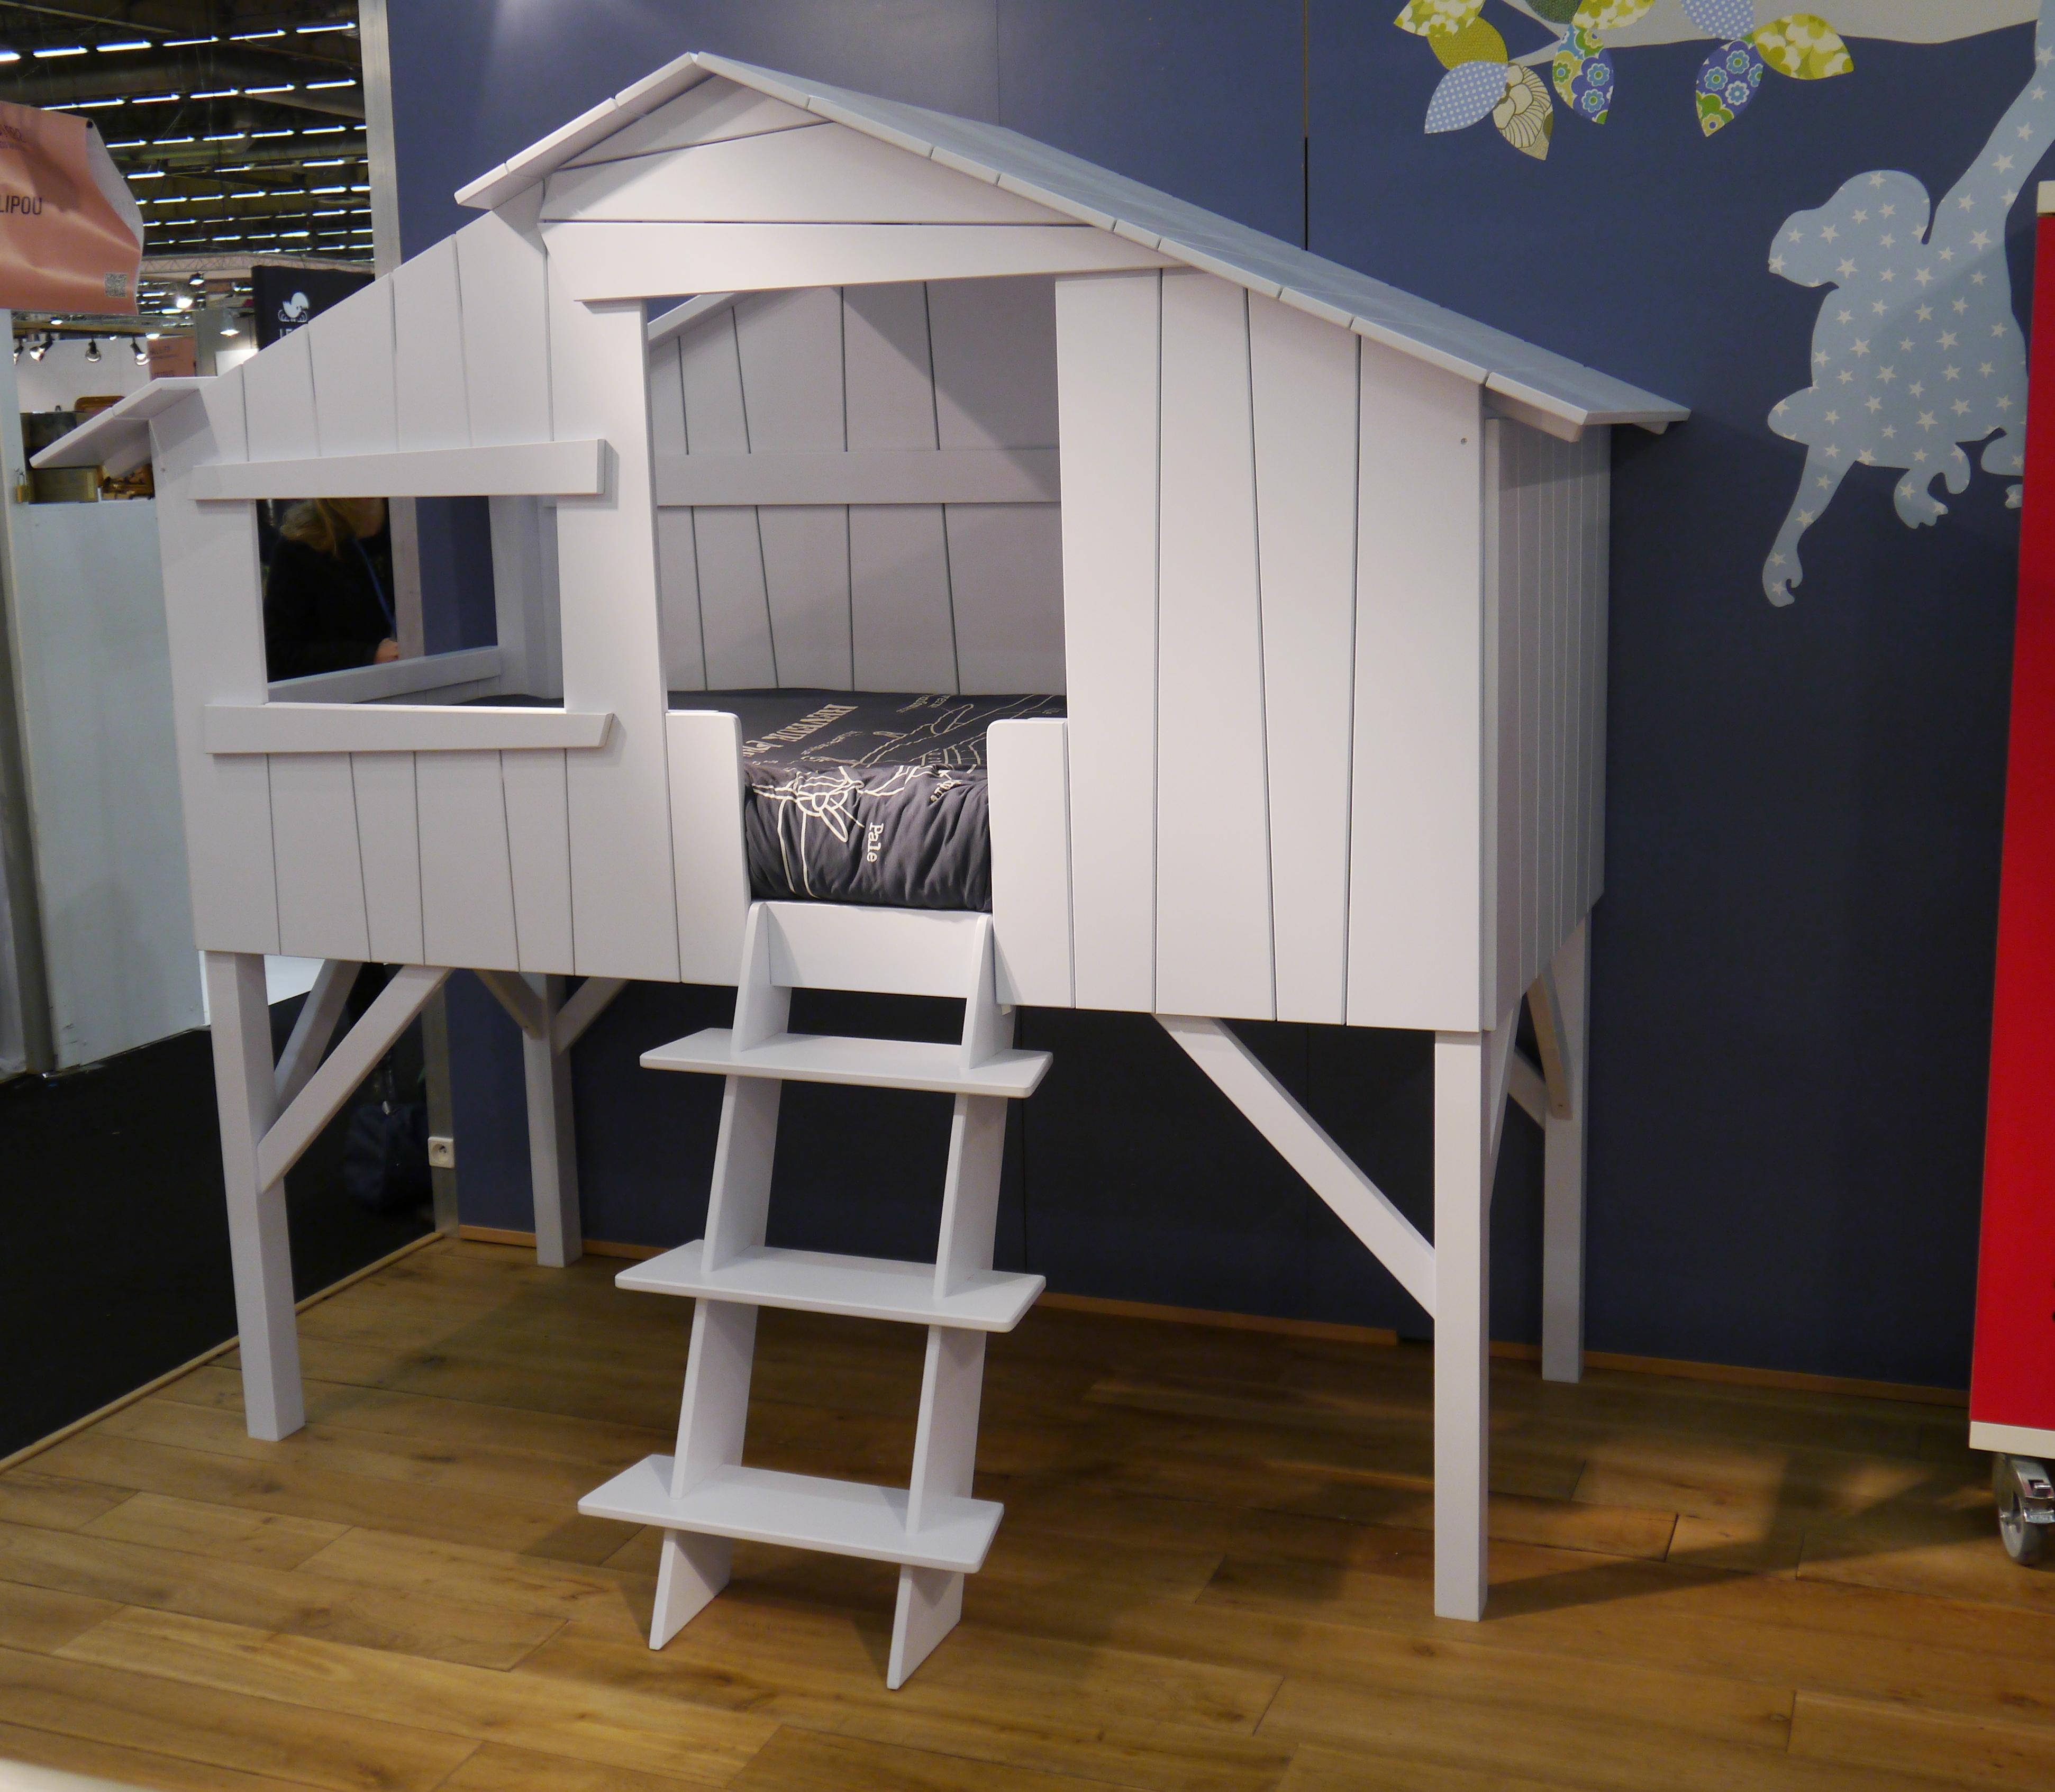 lit cabane mathy by bols votre concept store saint. Black Bedroom Furniture Sets. Home Design Ideas